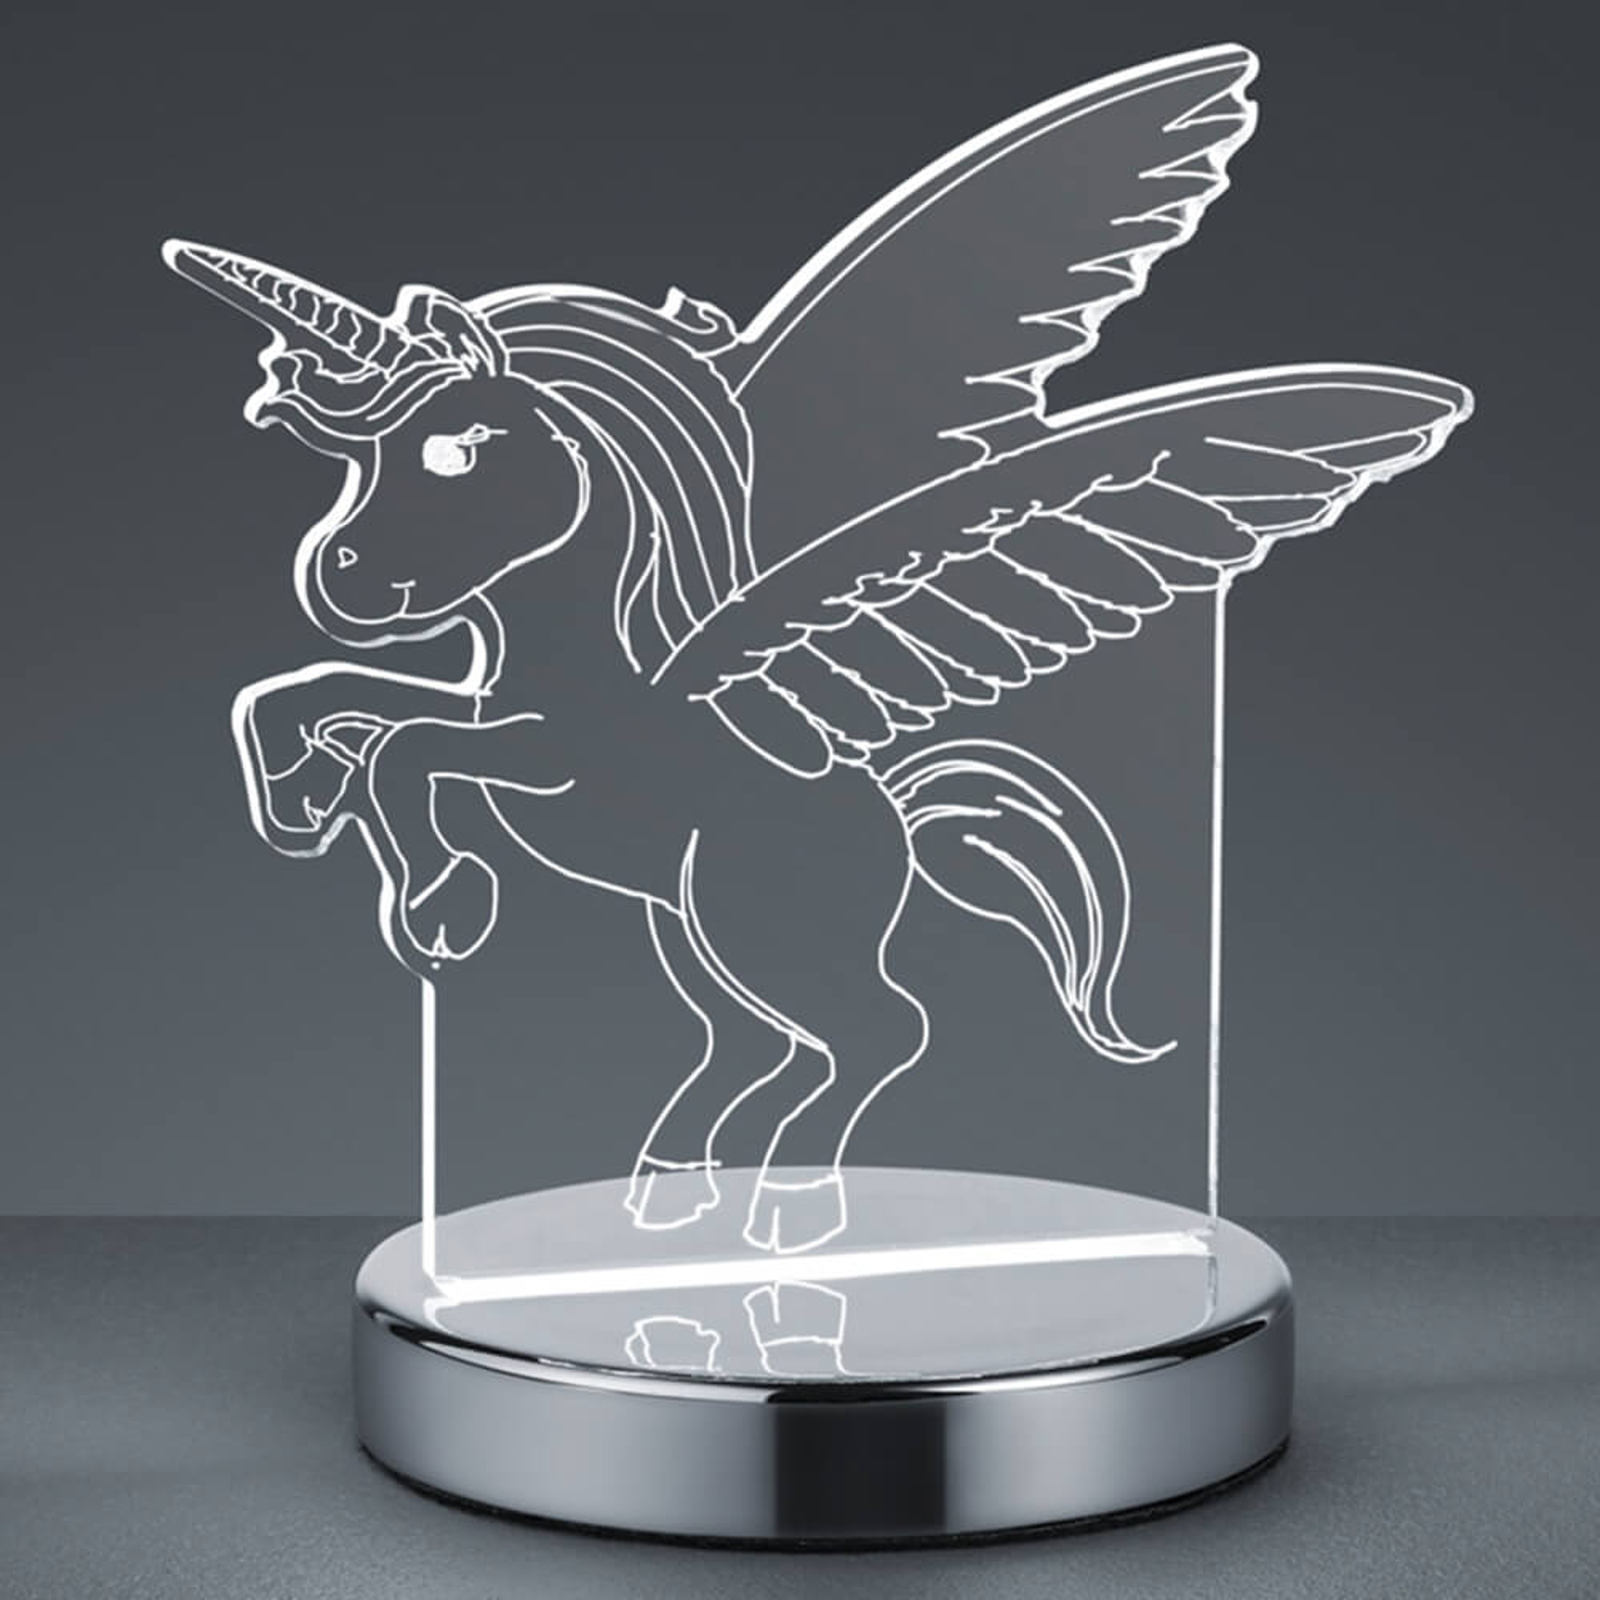 3D-hologram tafellamp Karo met eenhoornmotief